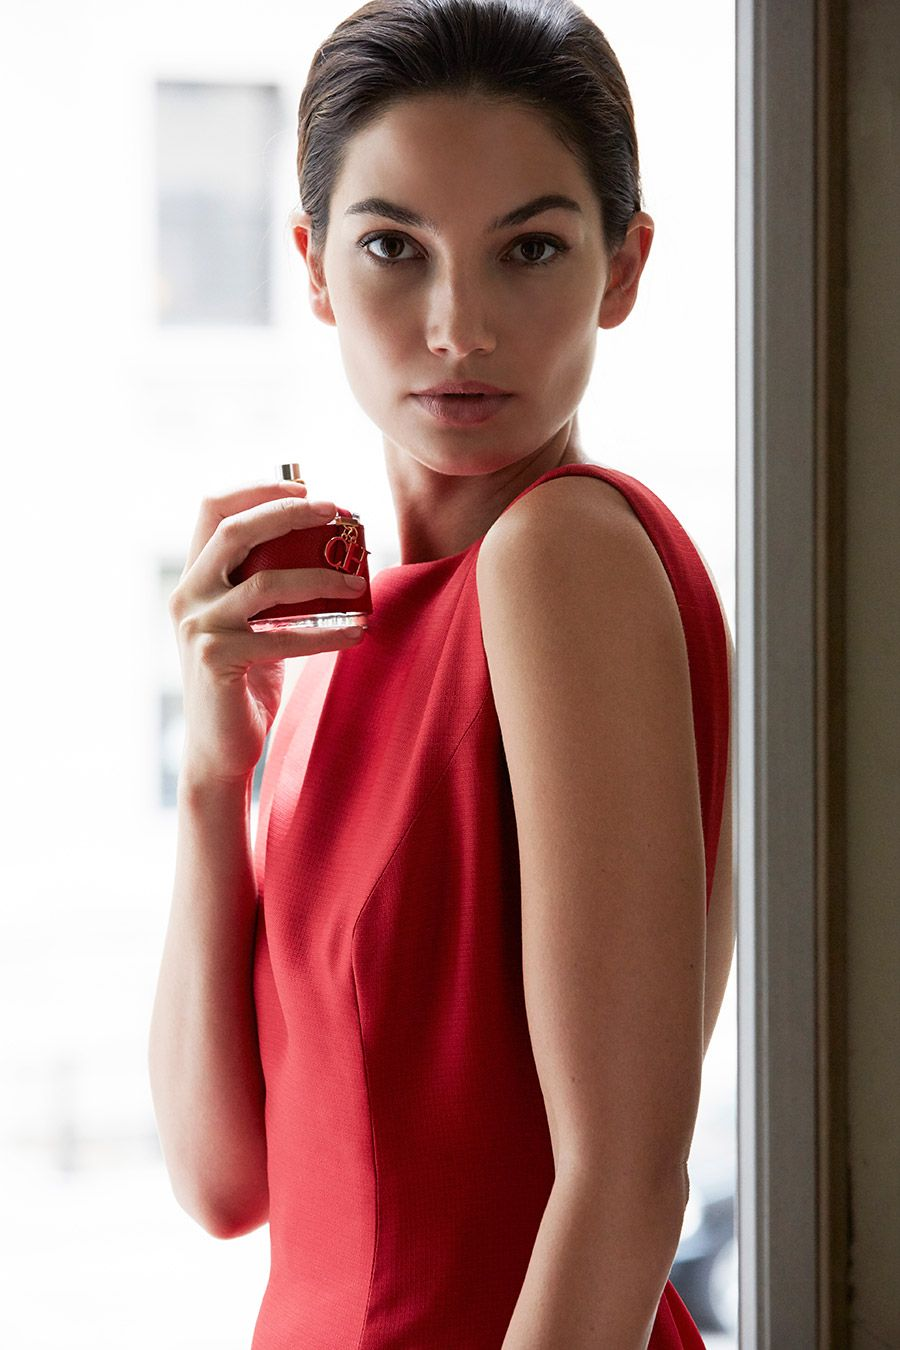 Musica la chica del vestido rojo